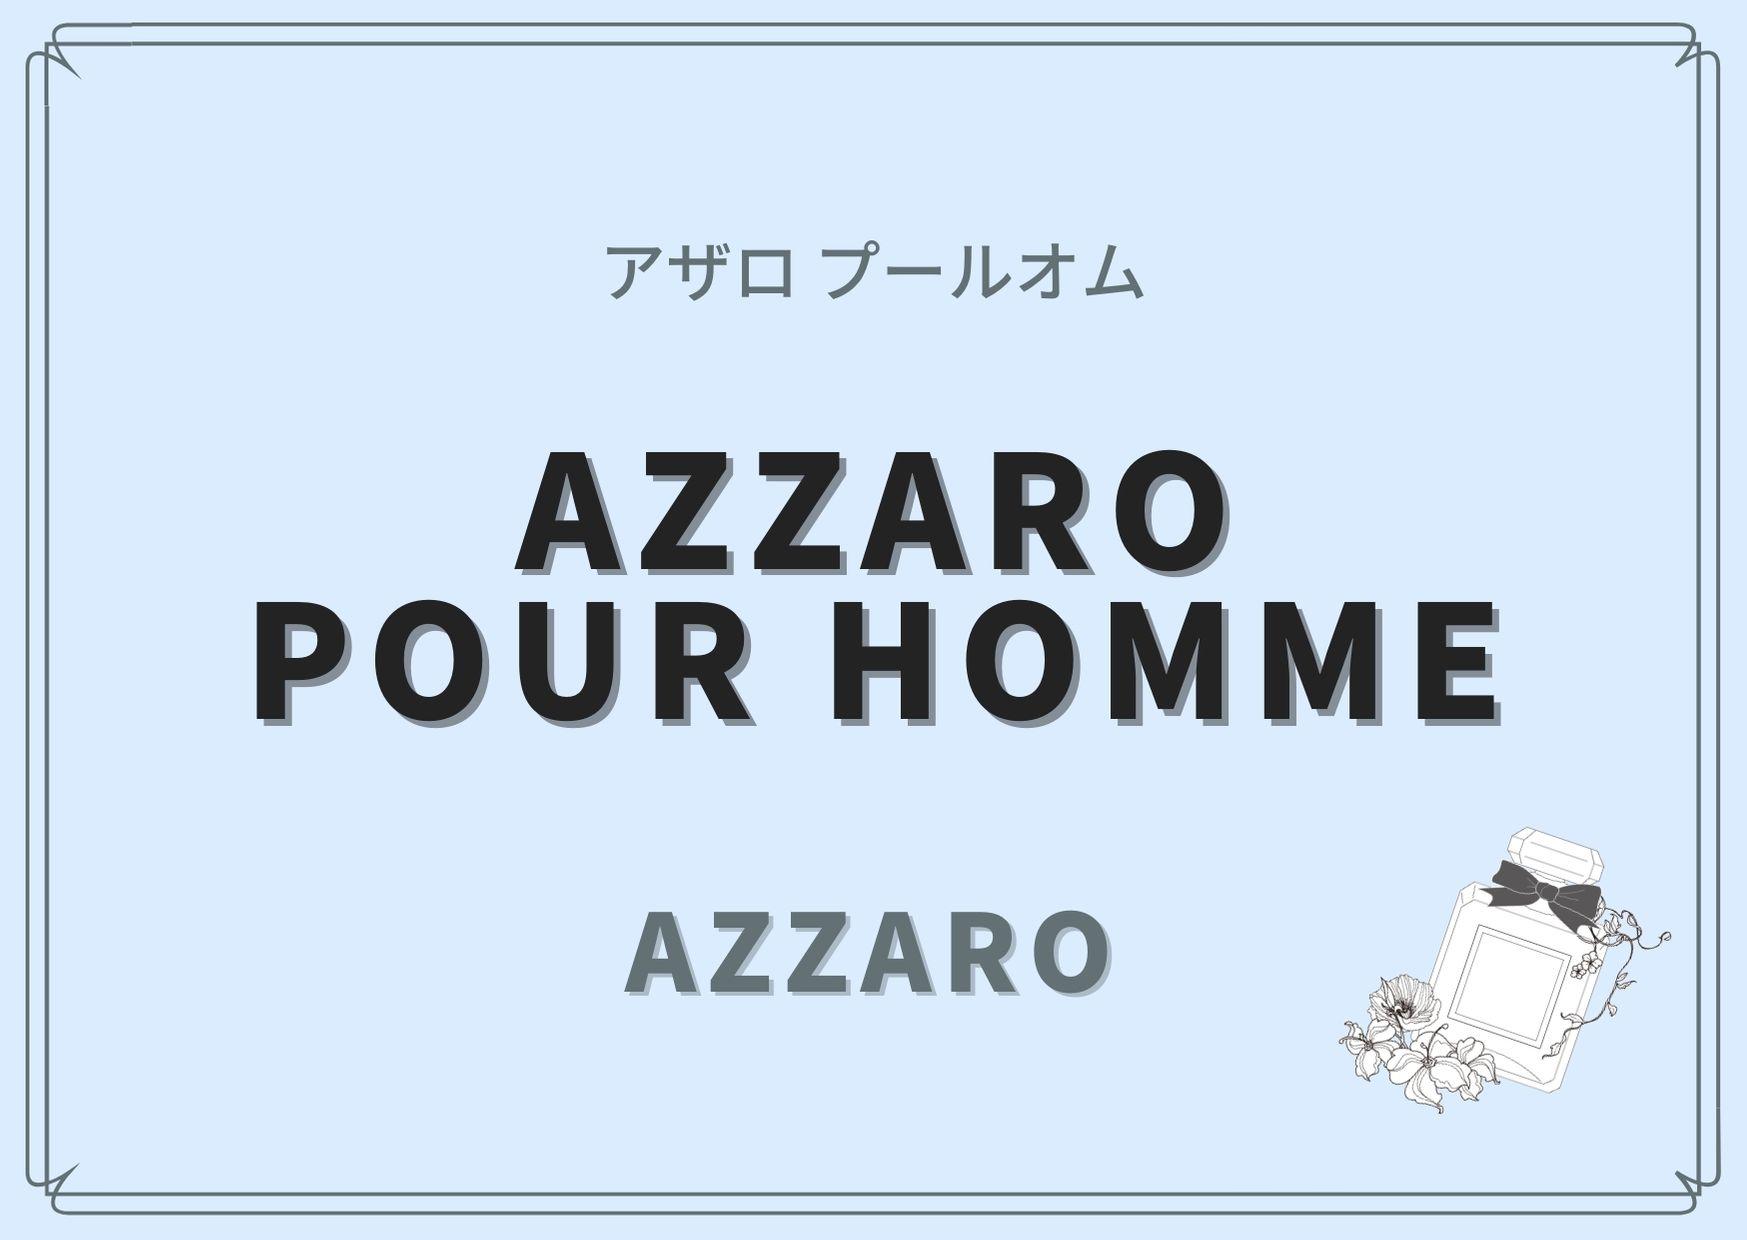 AZZARO POUR HOMME(アザロ)/AZZARO(アザロ)